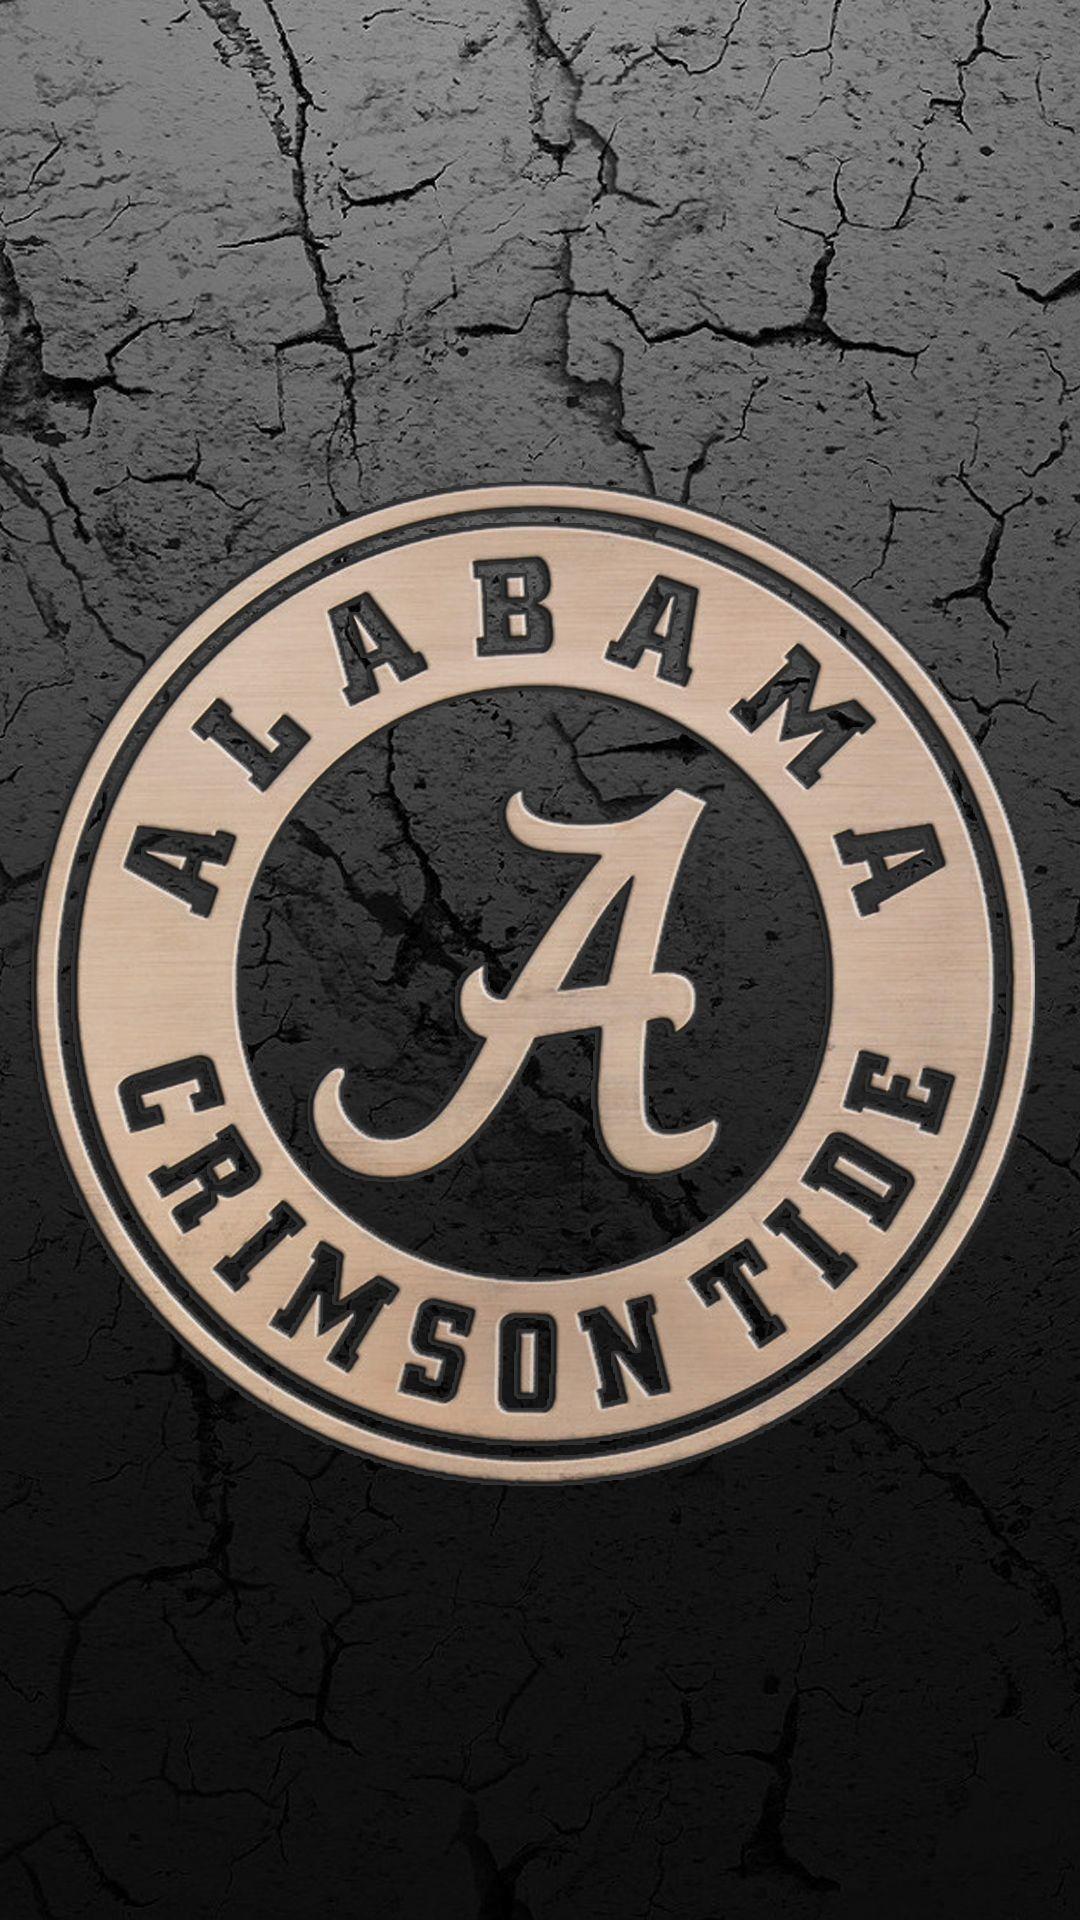 Alabama Football Wallpaper Home Screen Alabama Wallpaper Alabama Crimson Tide Football Wallpaper Alabama Football Pictures